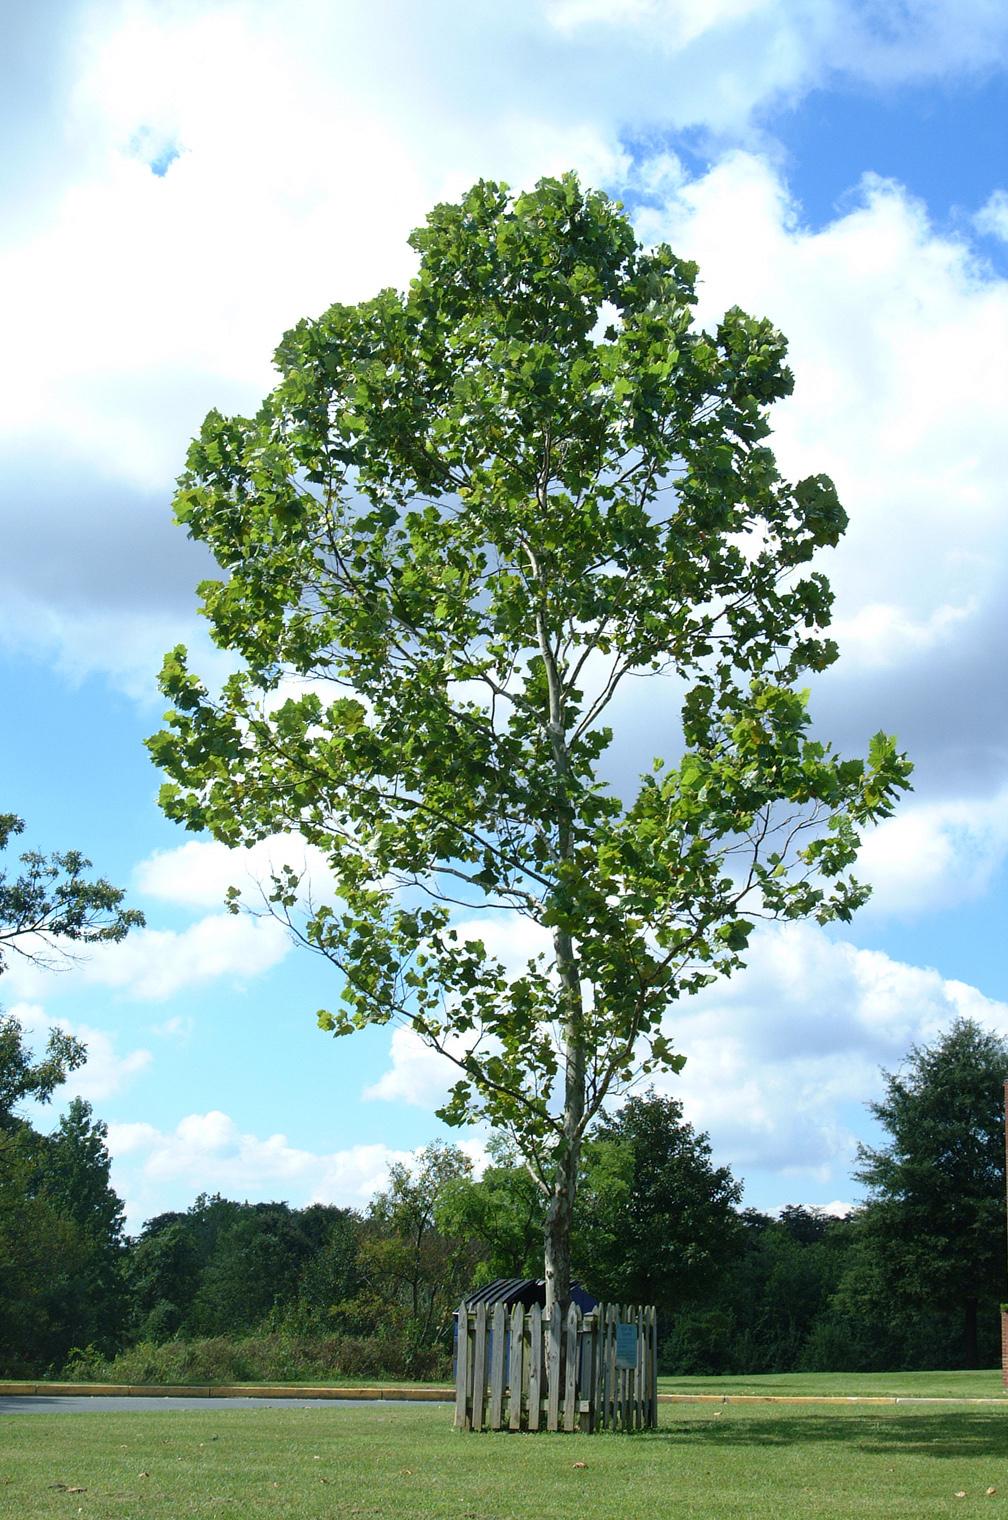 The tree is located at 38 deg 59 558 min n 76 deg 50 791 min w